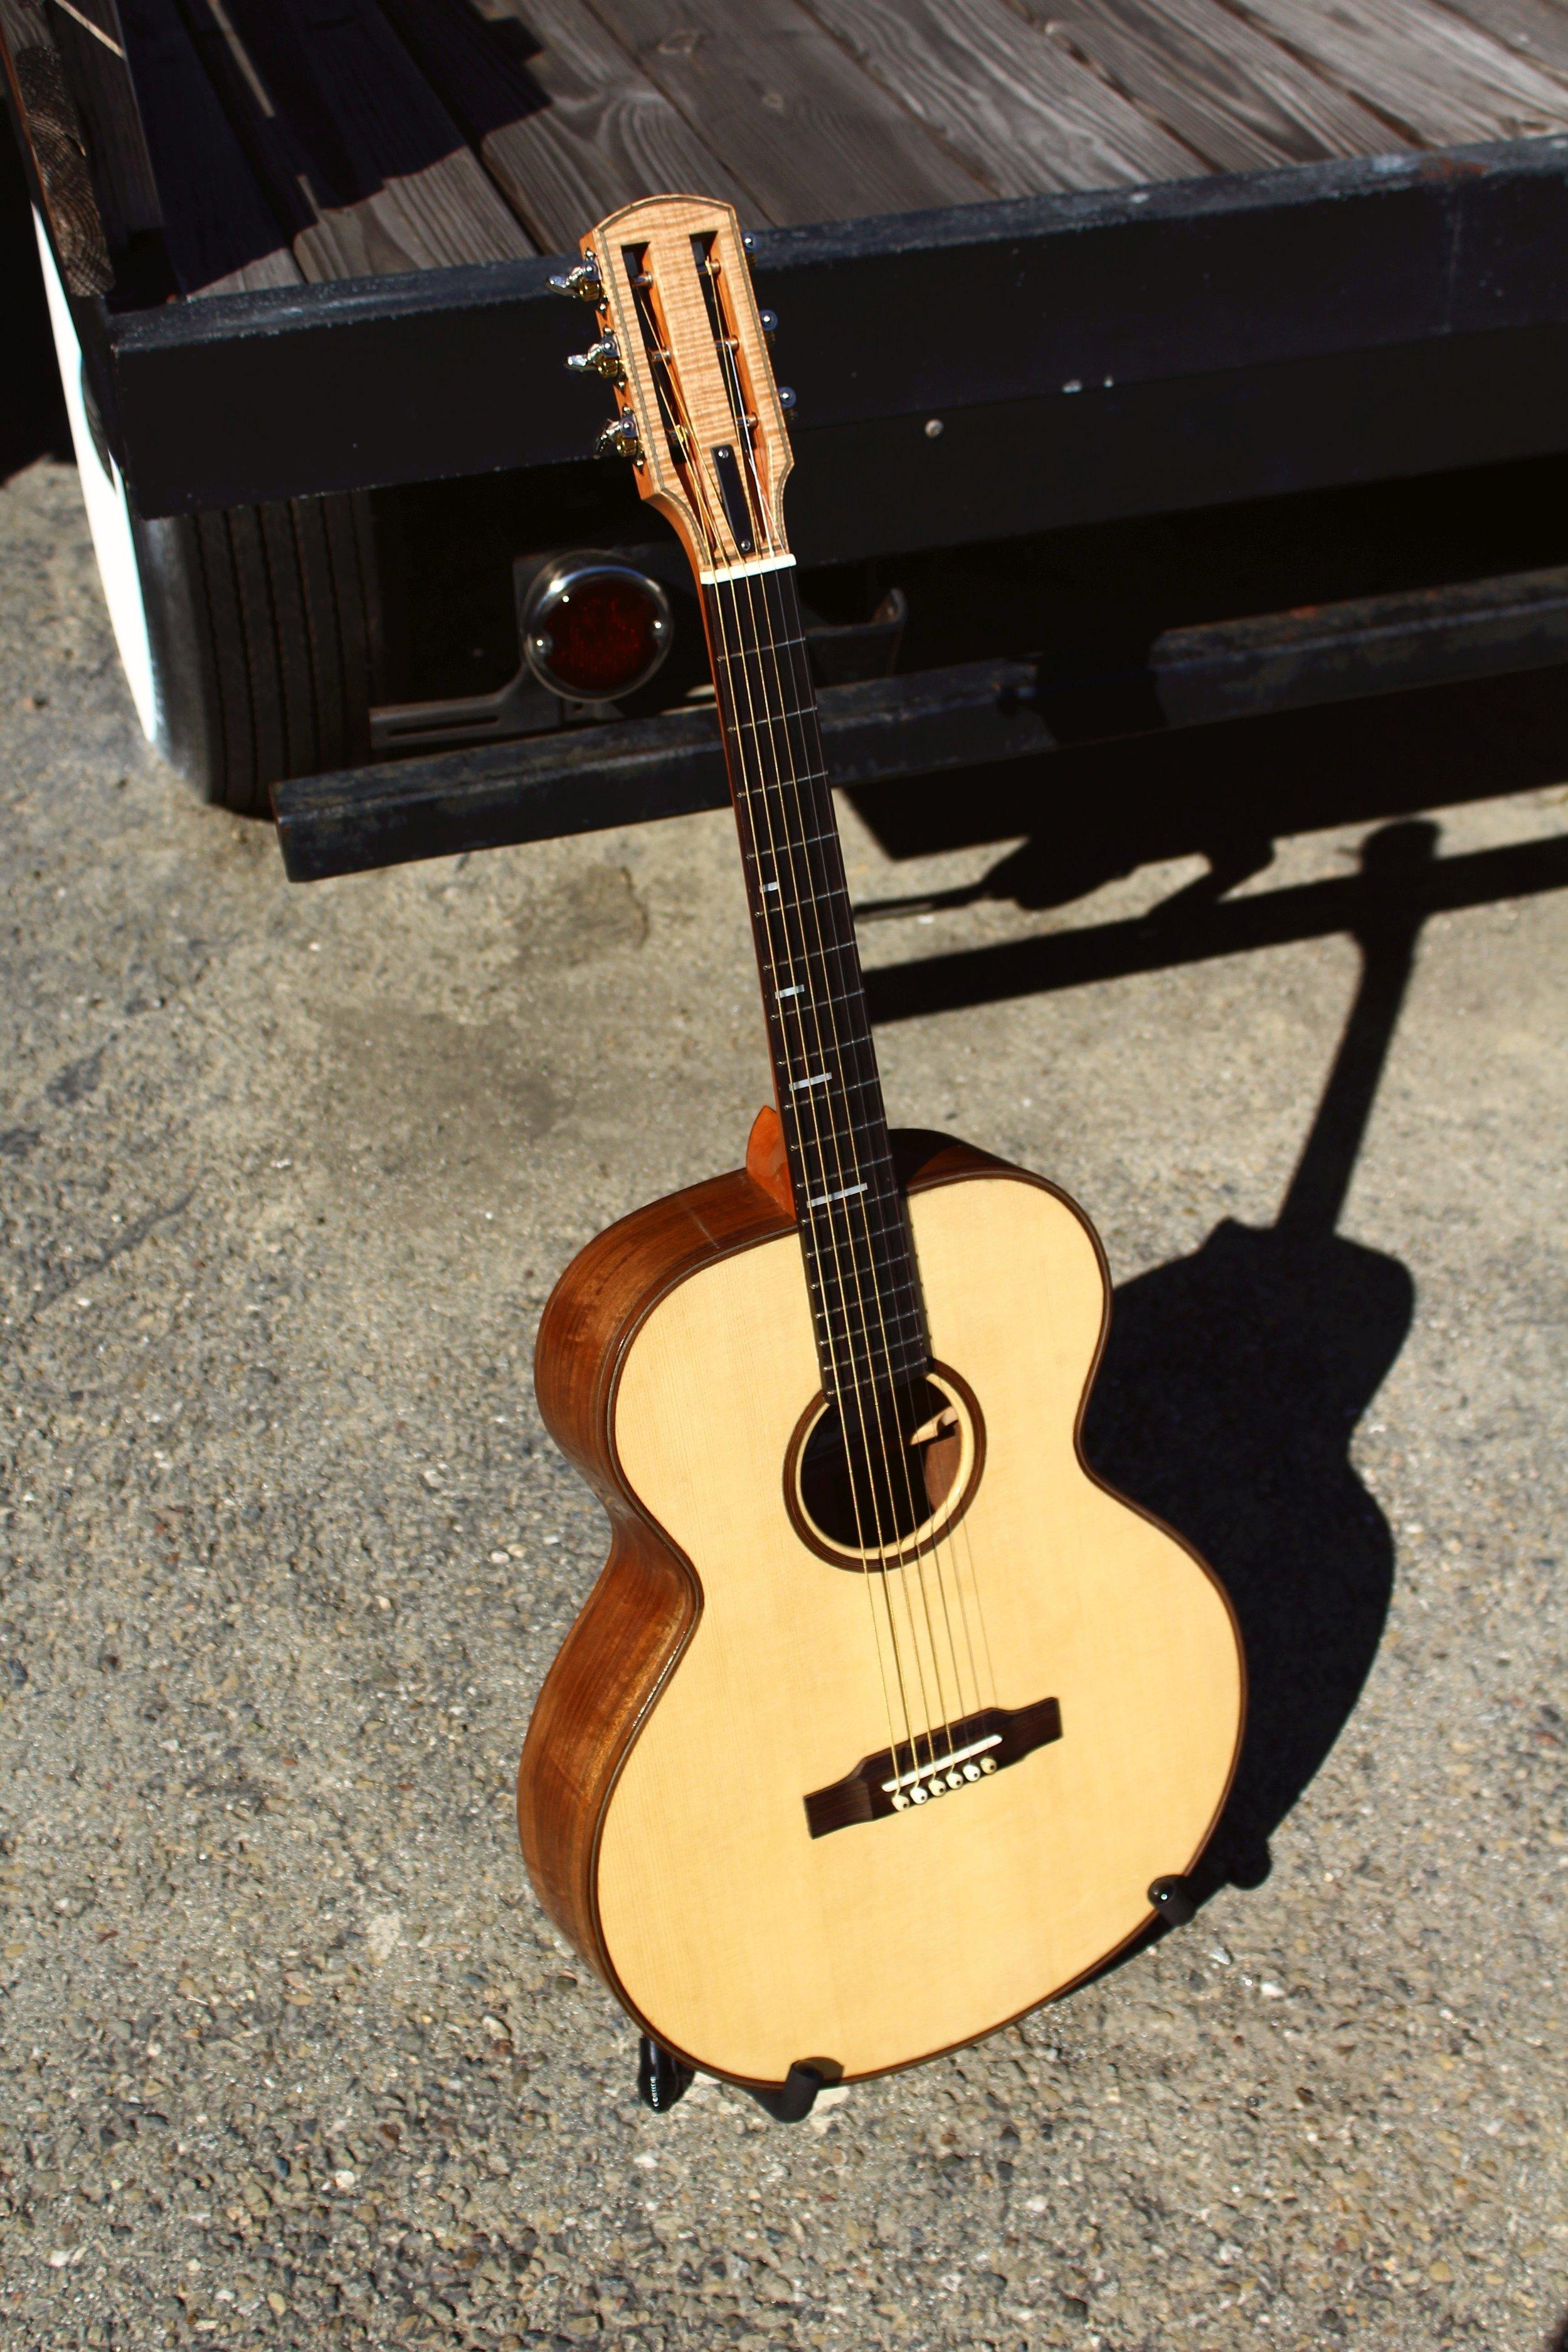 Queen city guitars rb-000